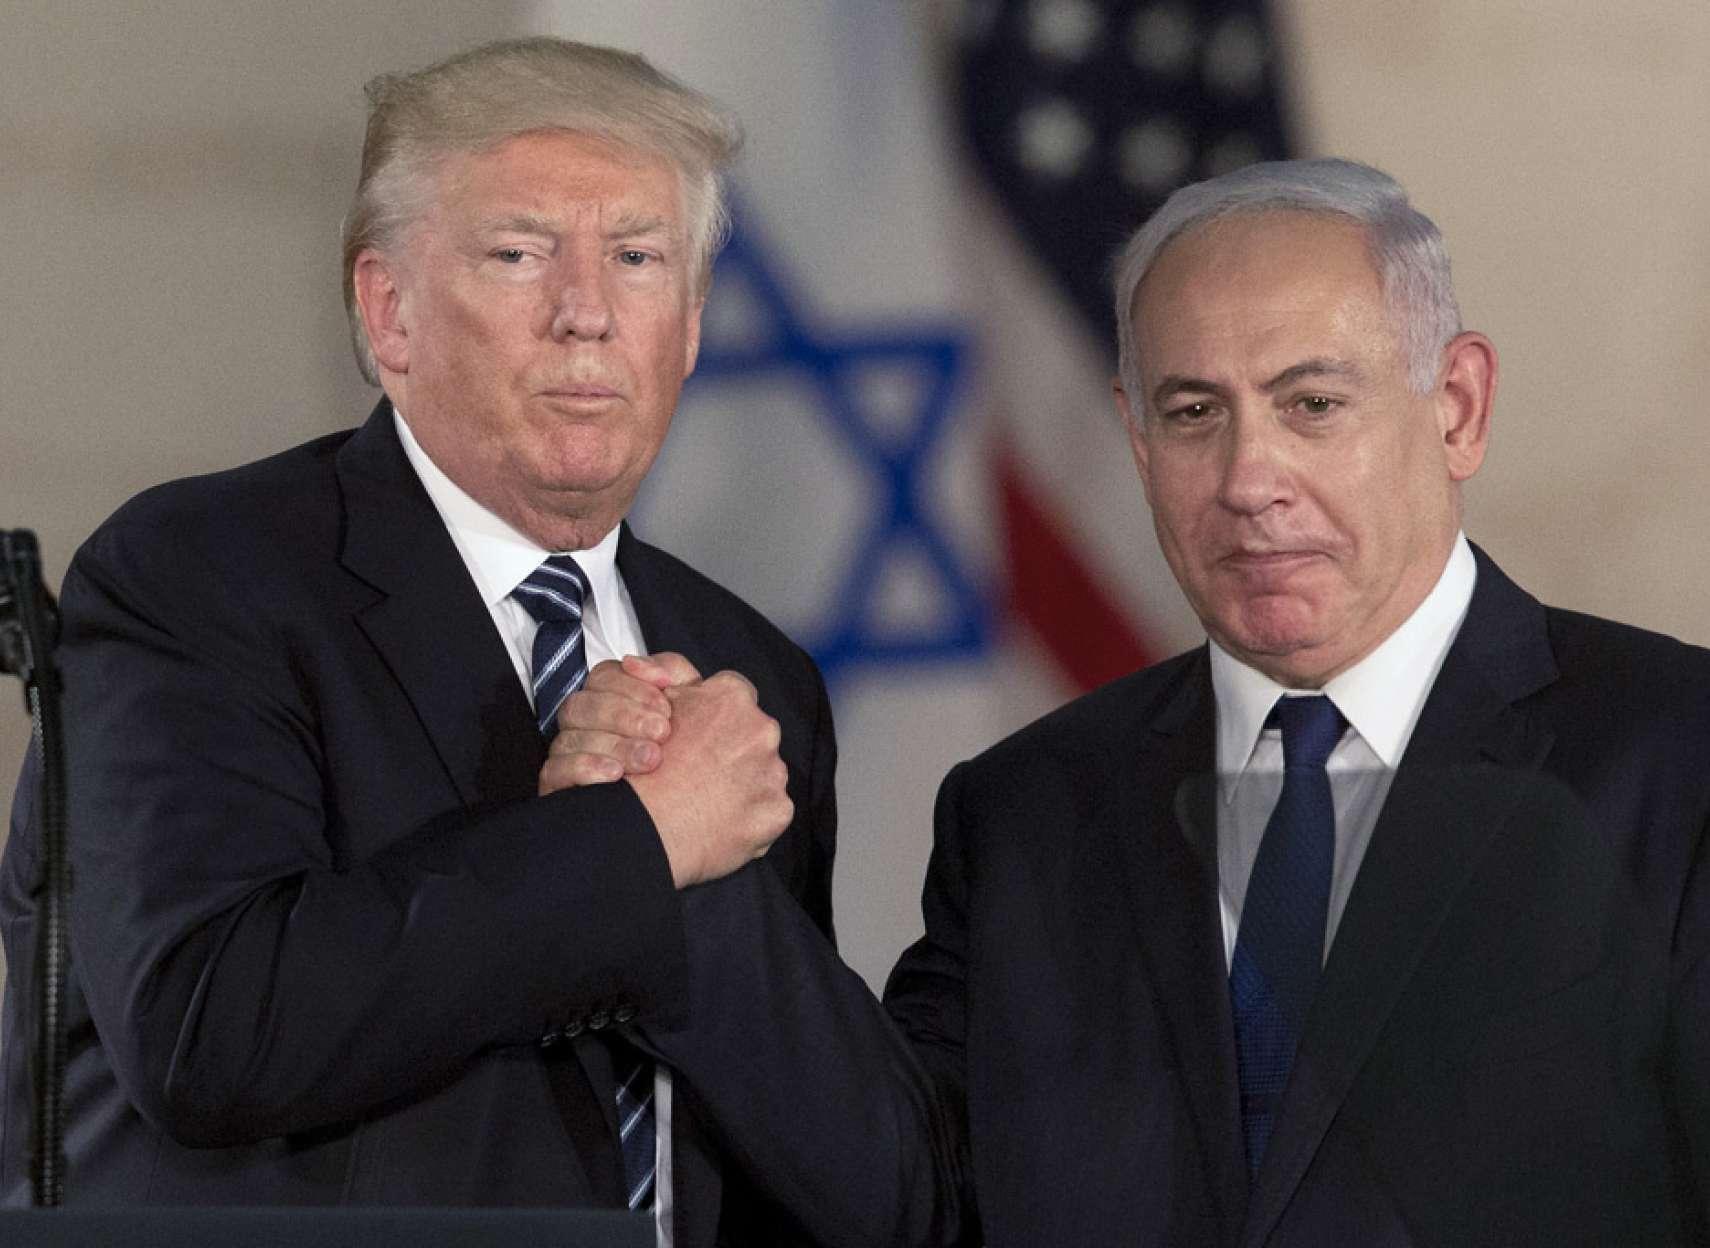 news-america-esraeil